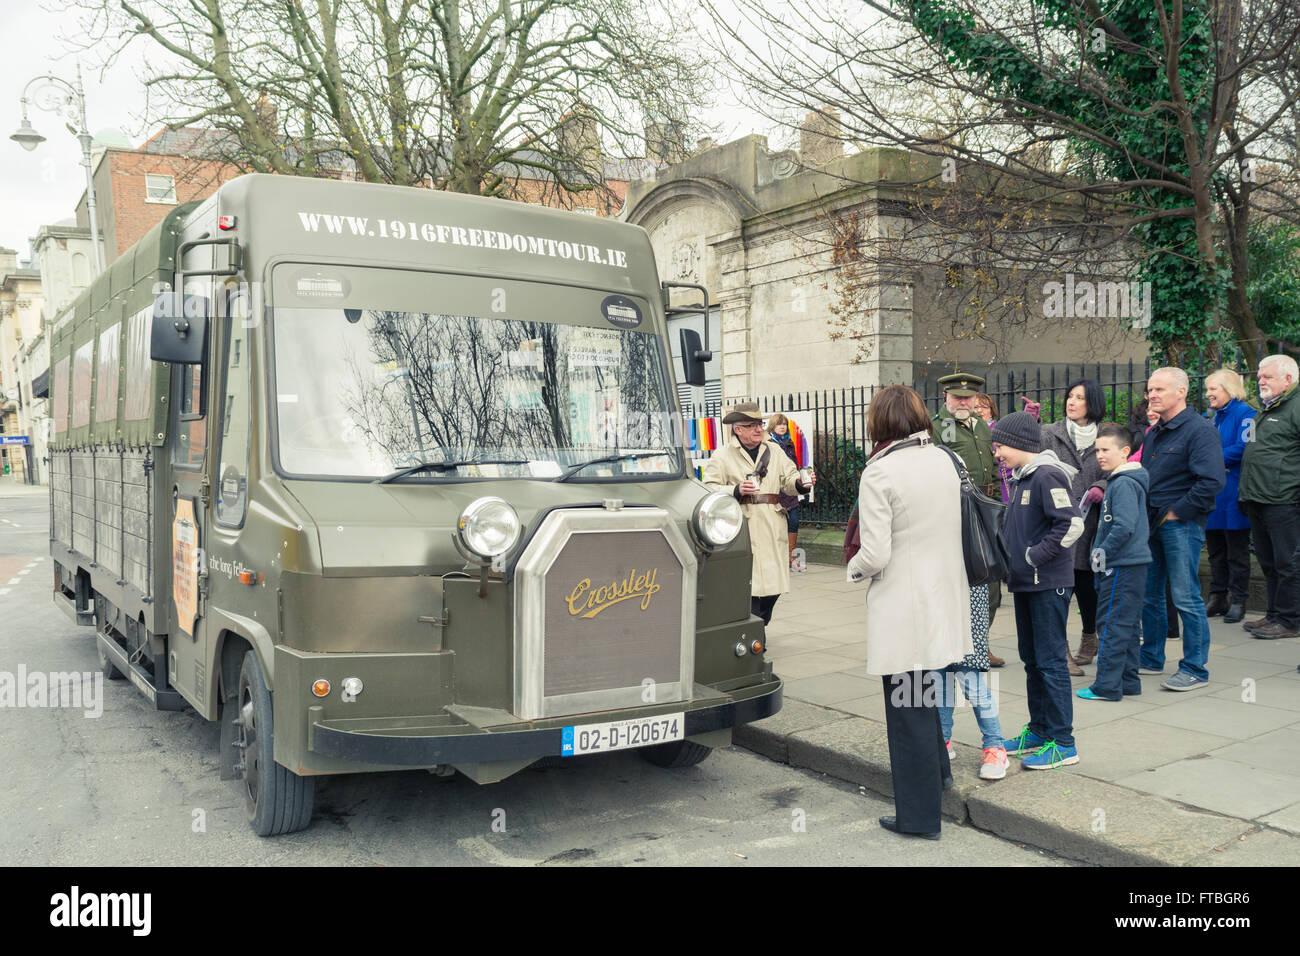 1916 Freiheit Tourbus Dublin touristische Attraktion Stockbild